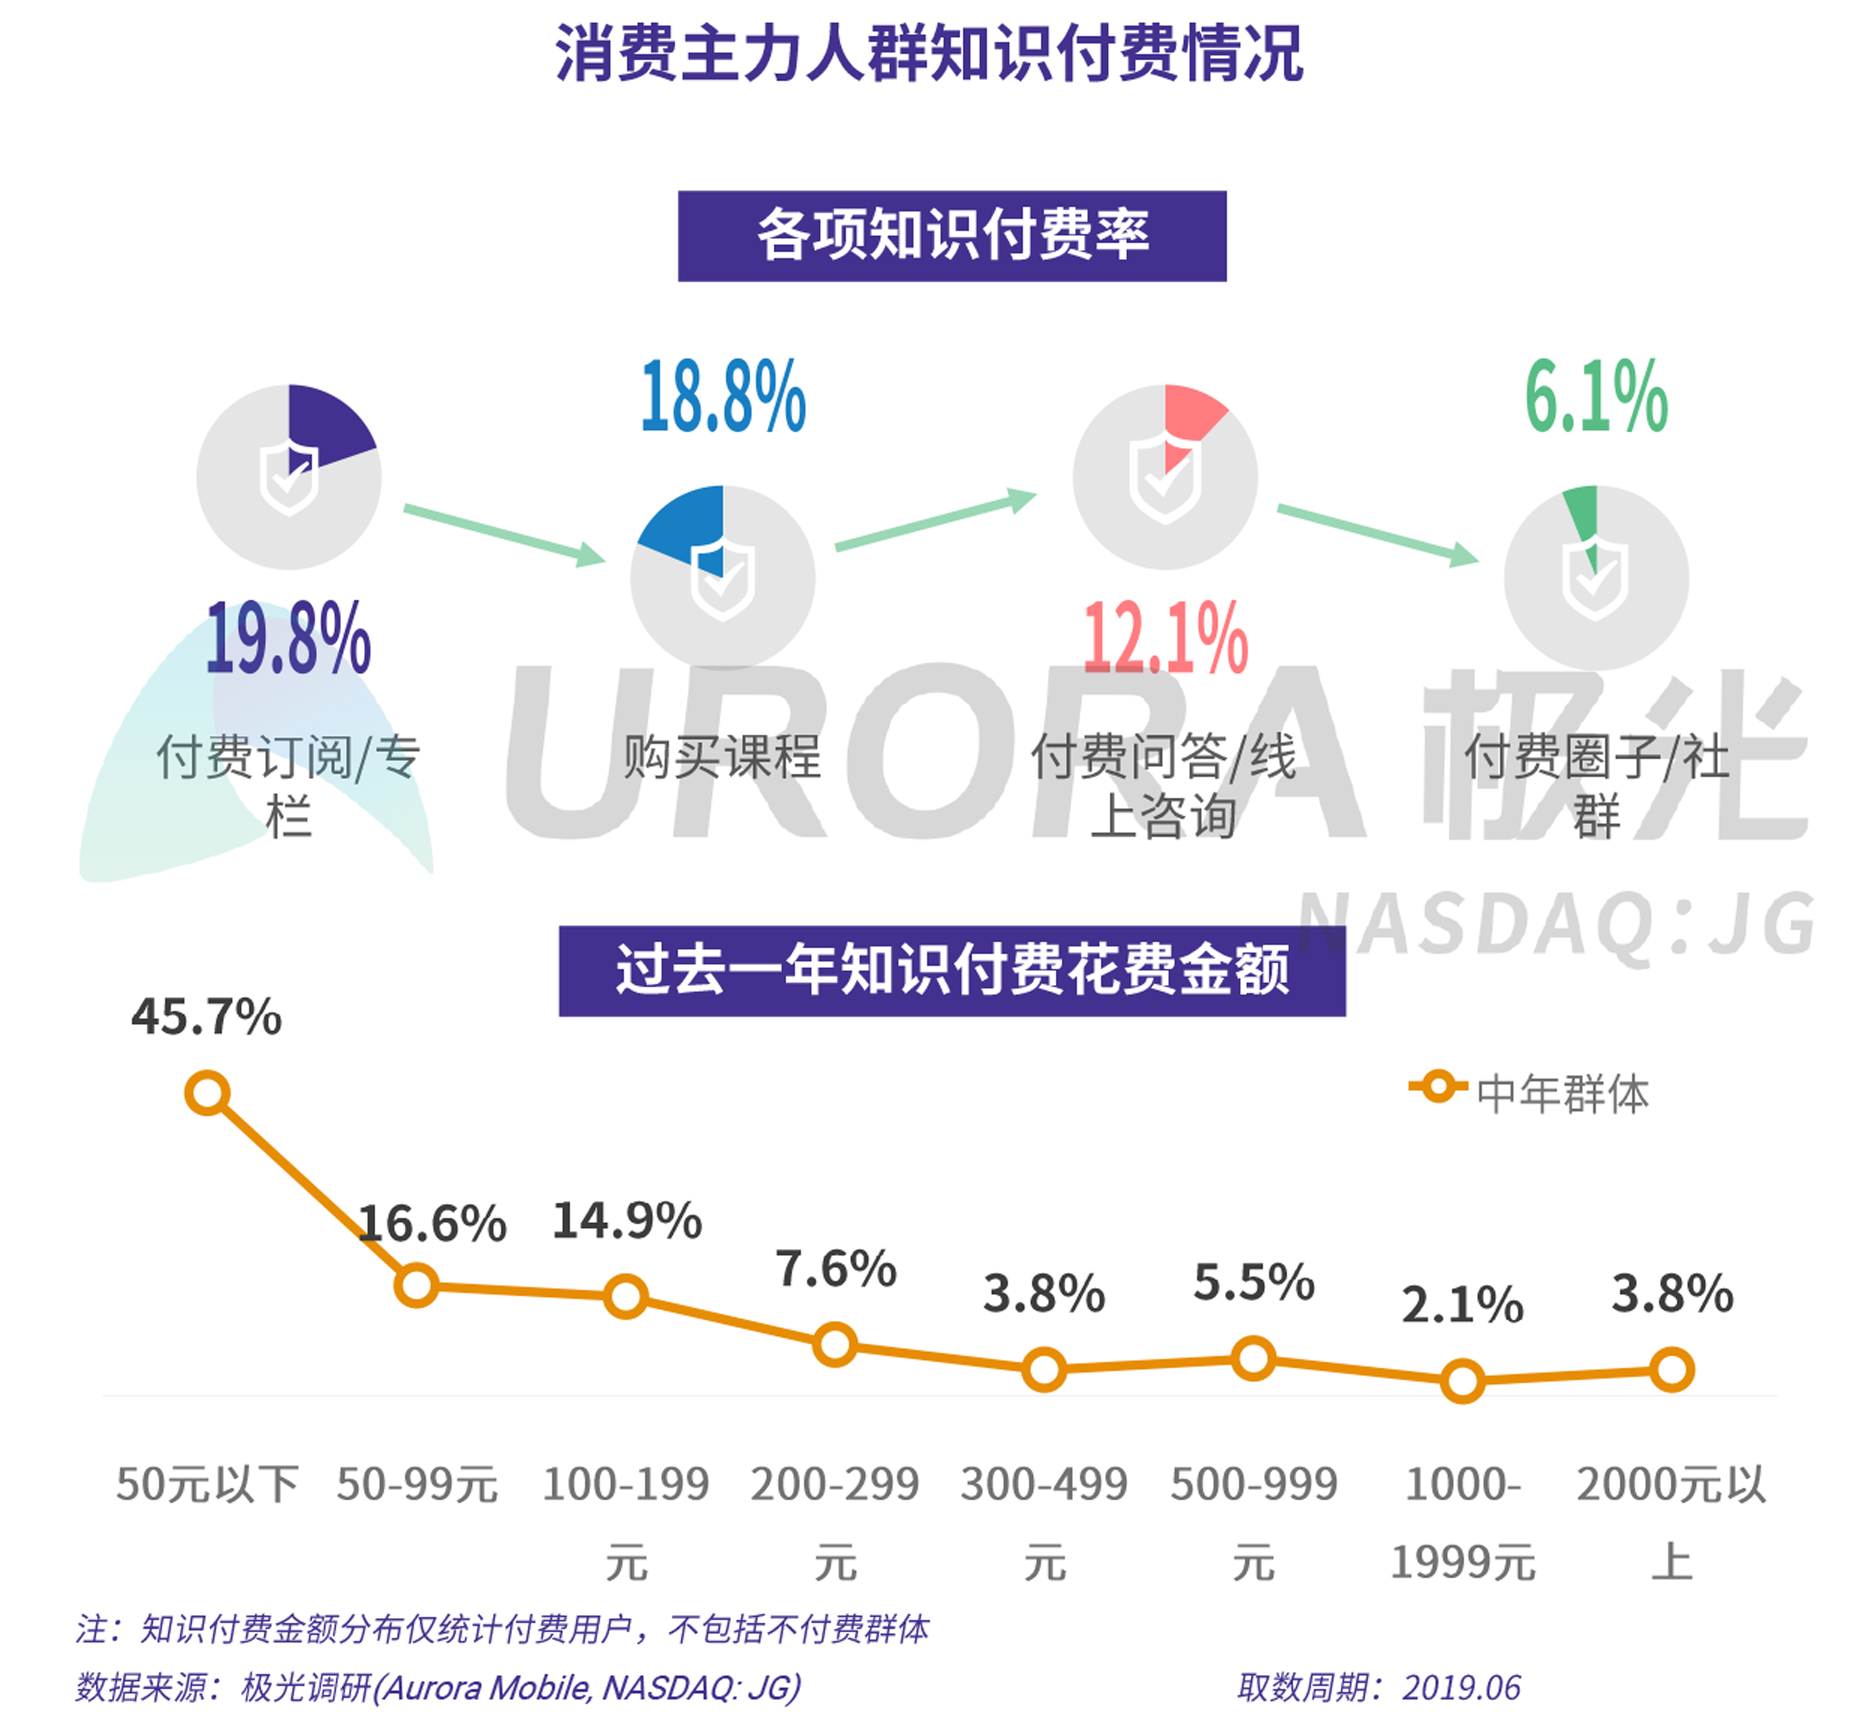 2019年消费主力人群虚拟产品付费研究报告-V5-15.png